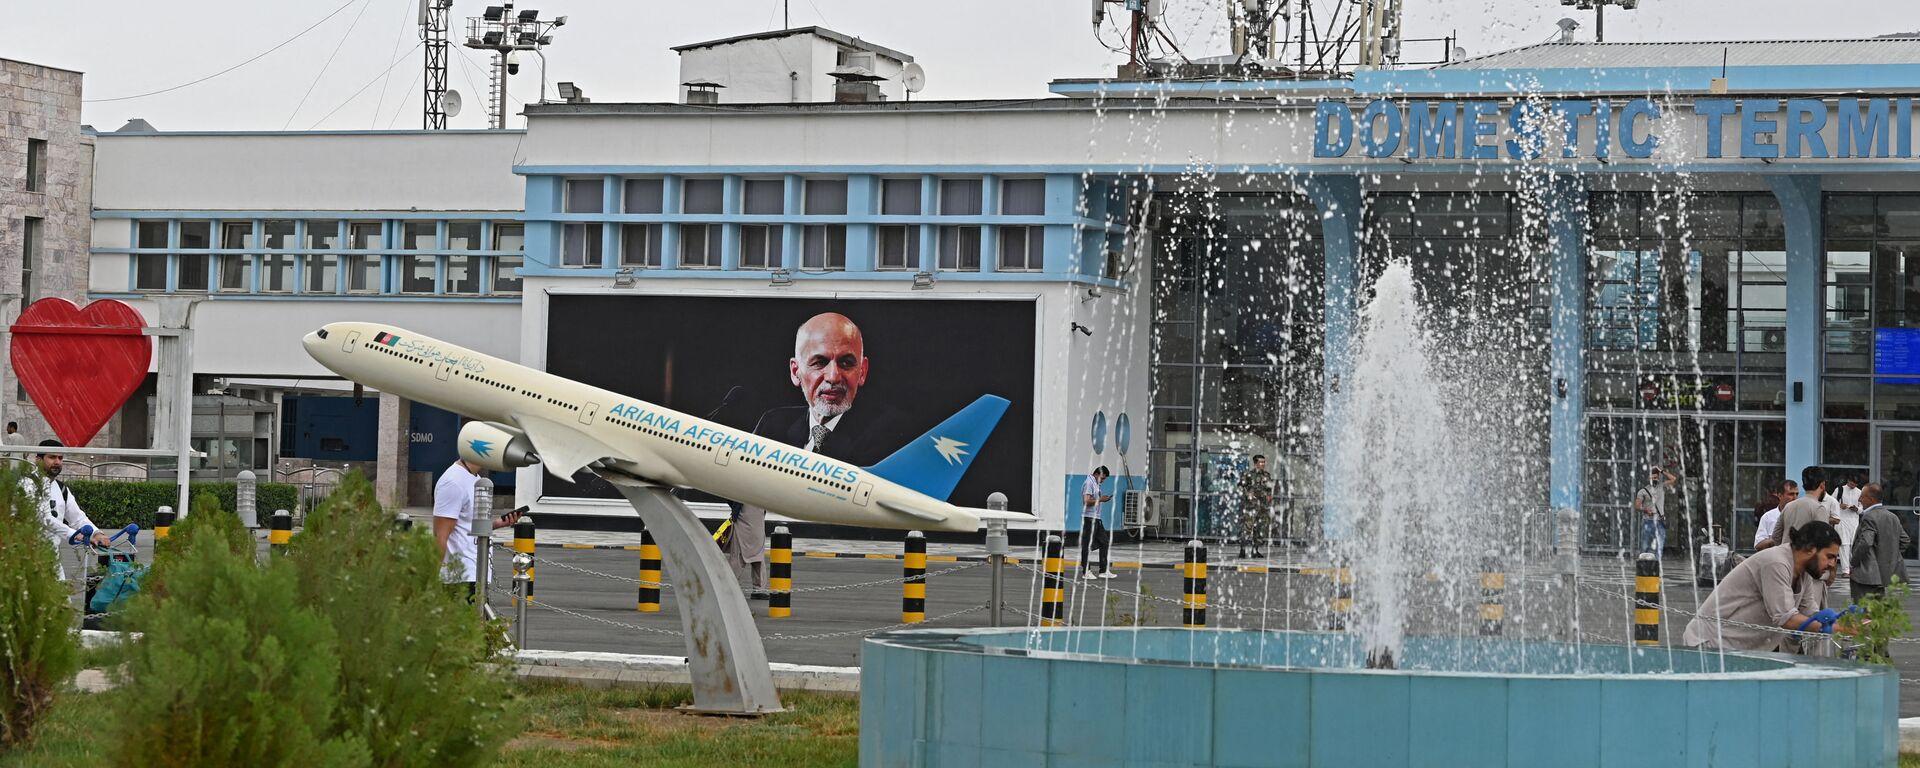 Mezinárodní letiště v Kábulu 16. července 2021 - Sputnik Česká republika, 1920, 23.08.2021